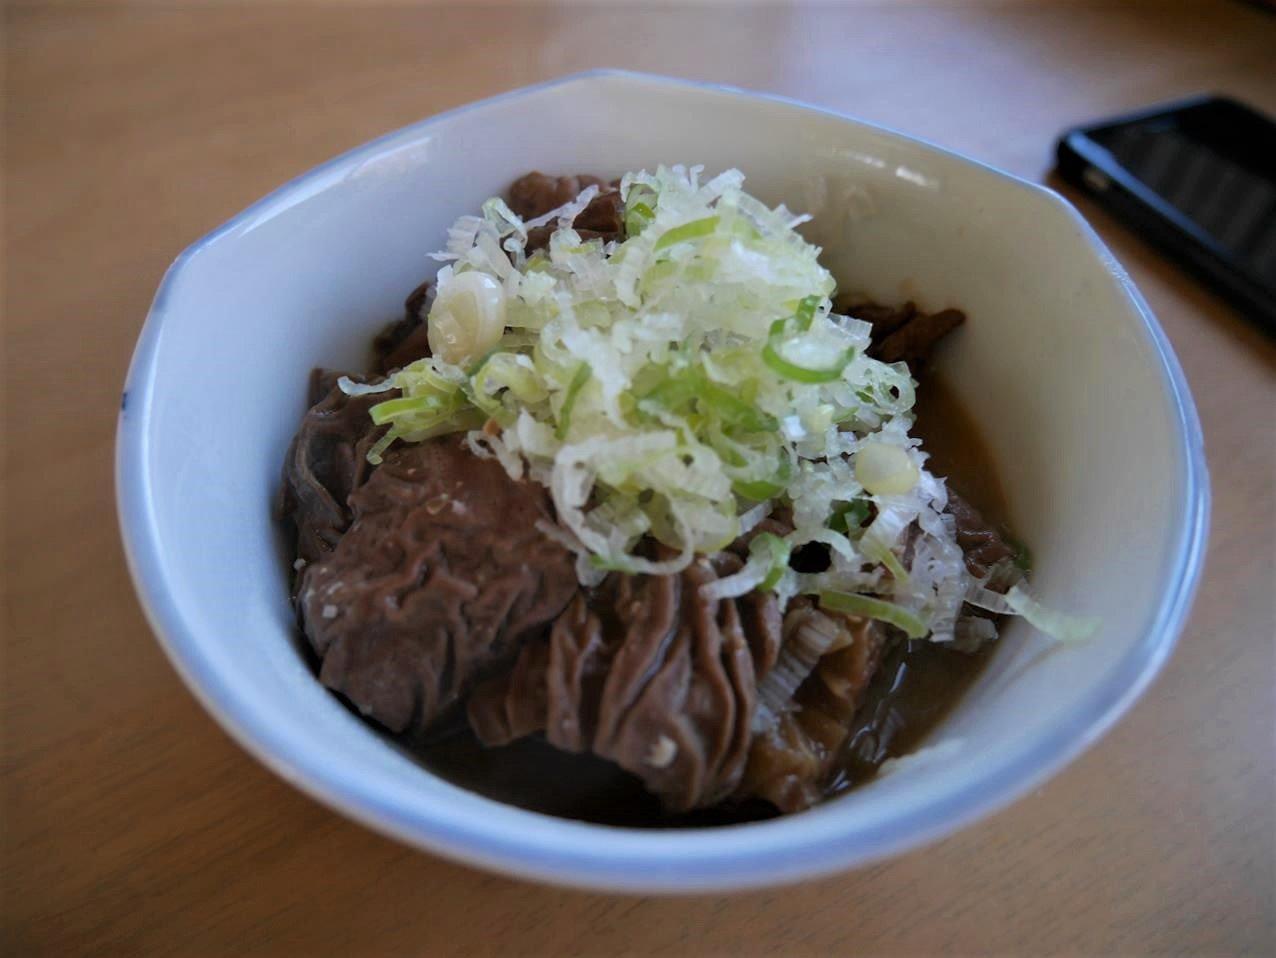 安曇野見晴(みはらし)蕎麥麵店